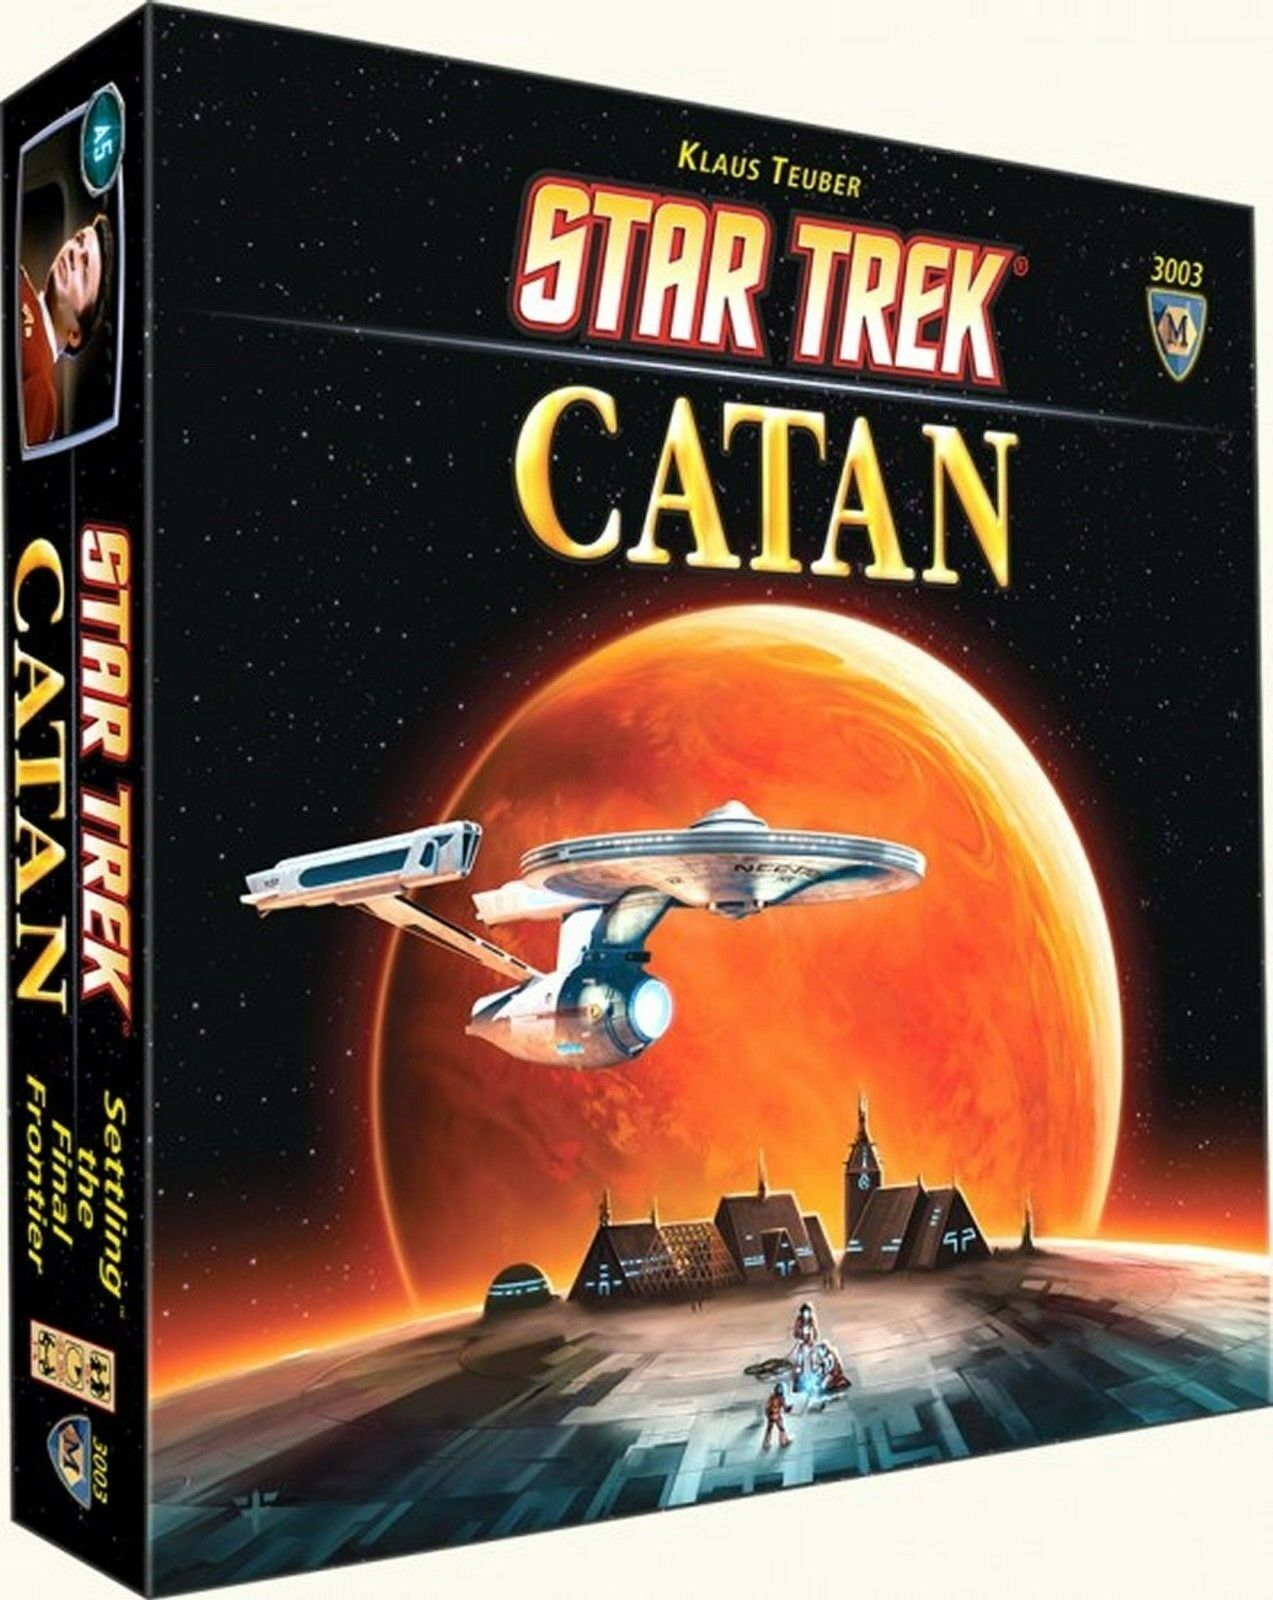 Catan Studio  Star Trek Catan Board Game (New)